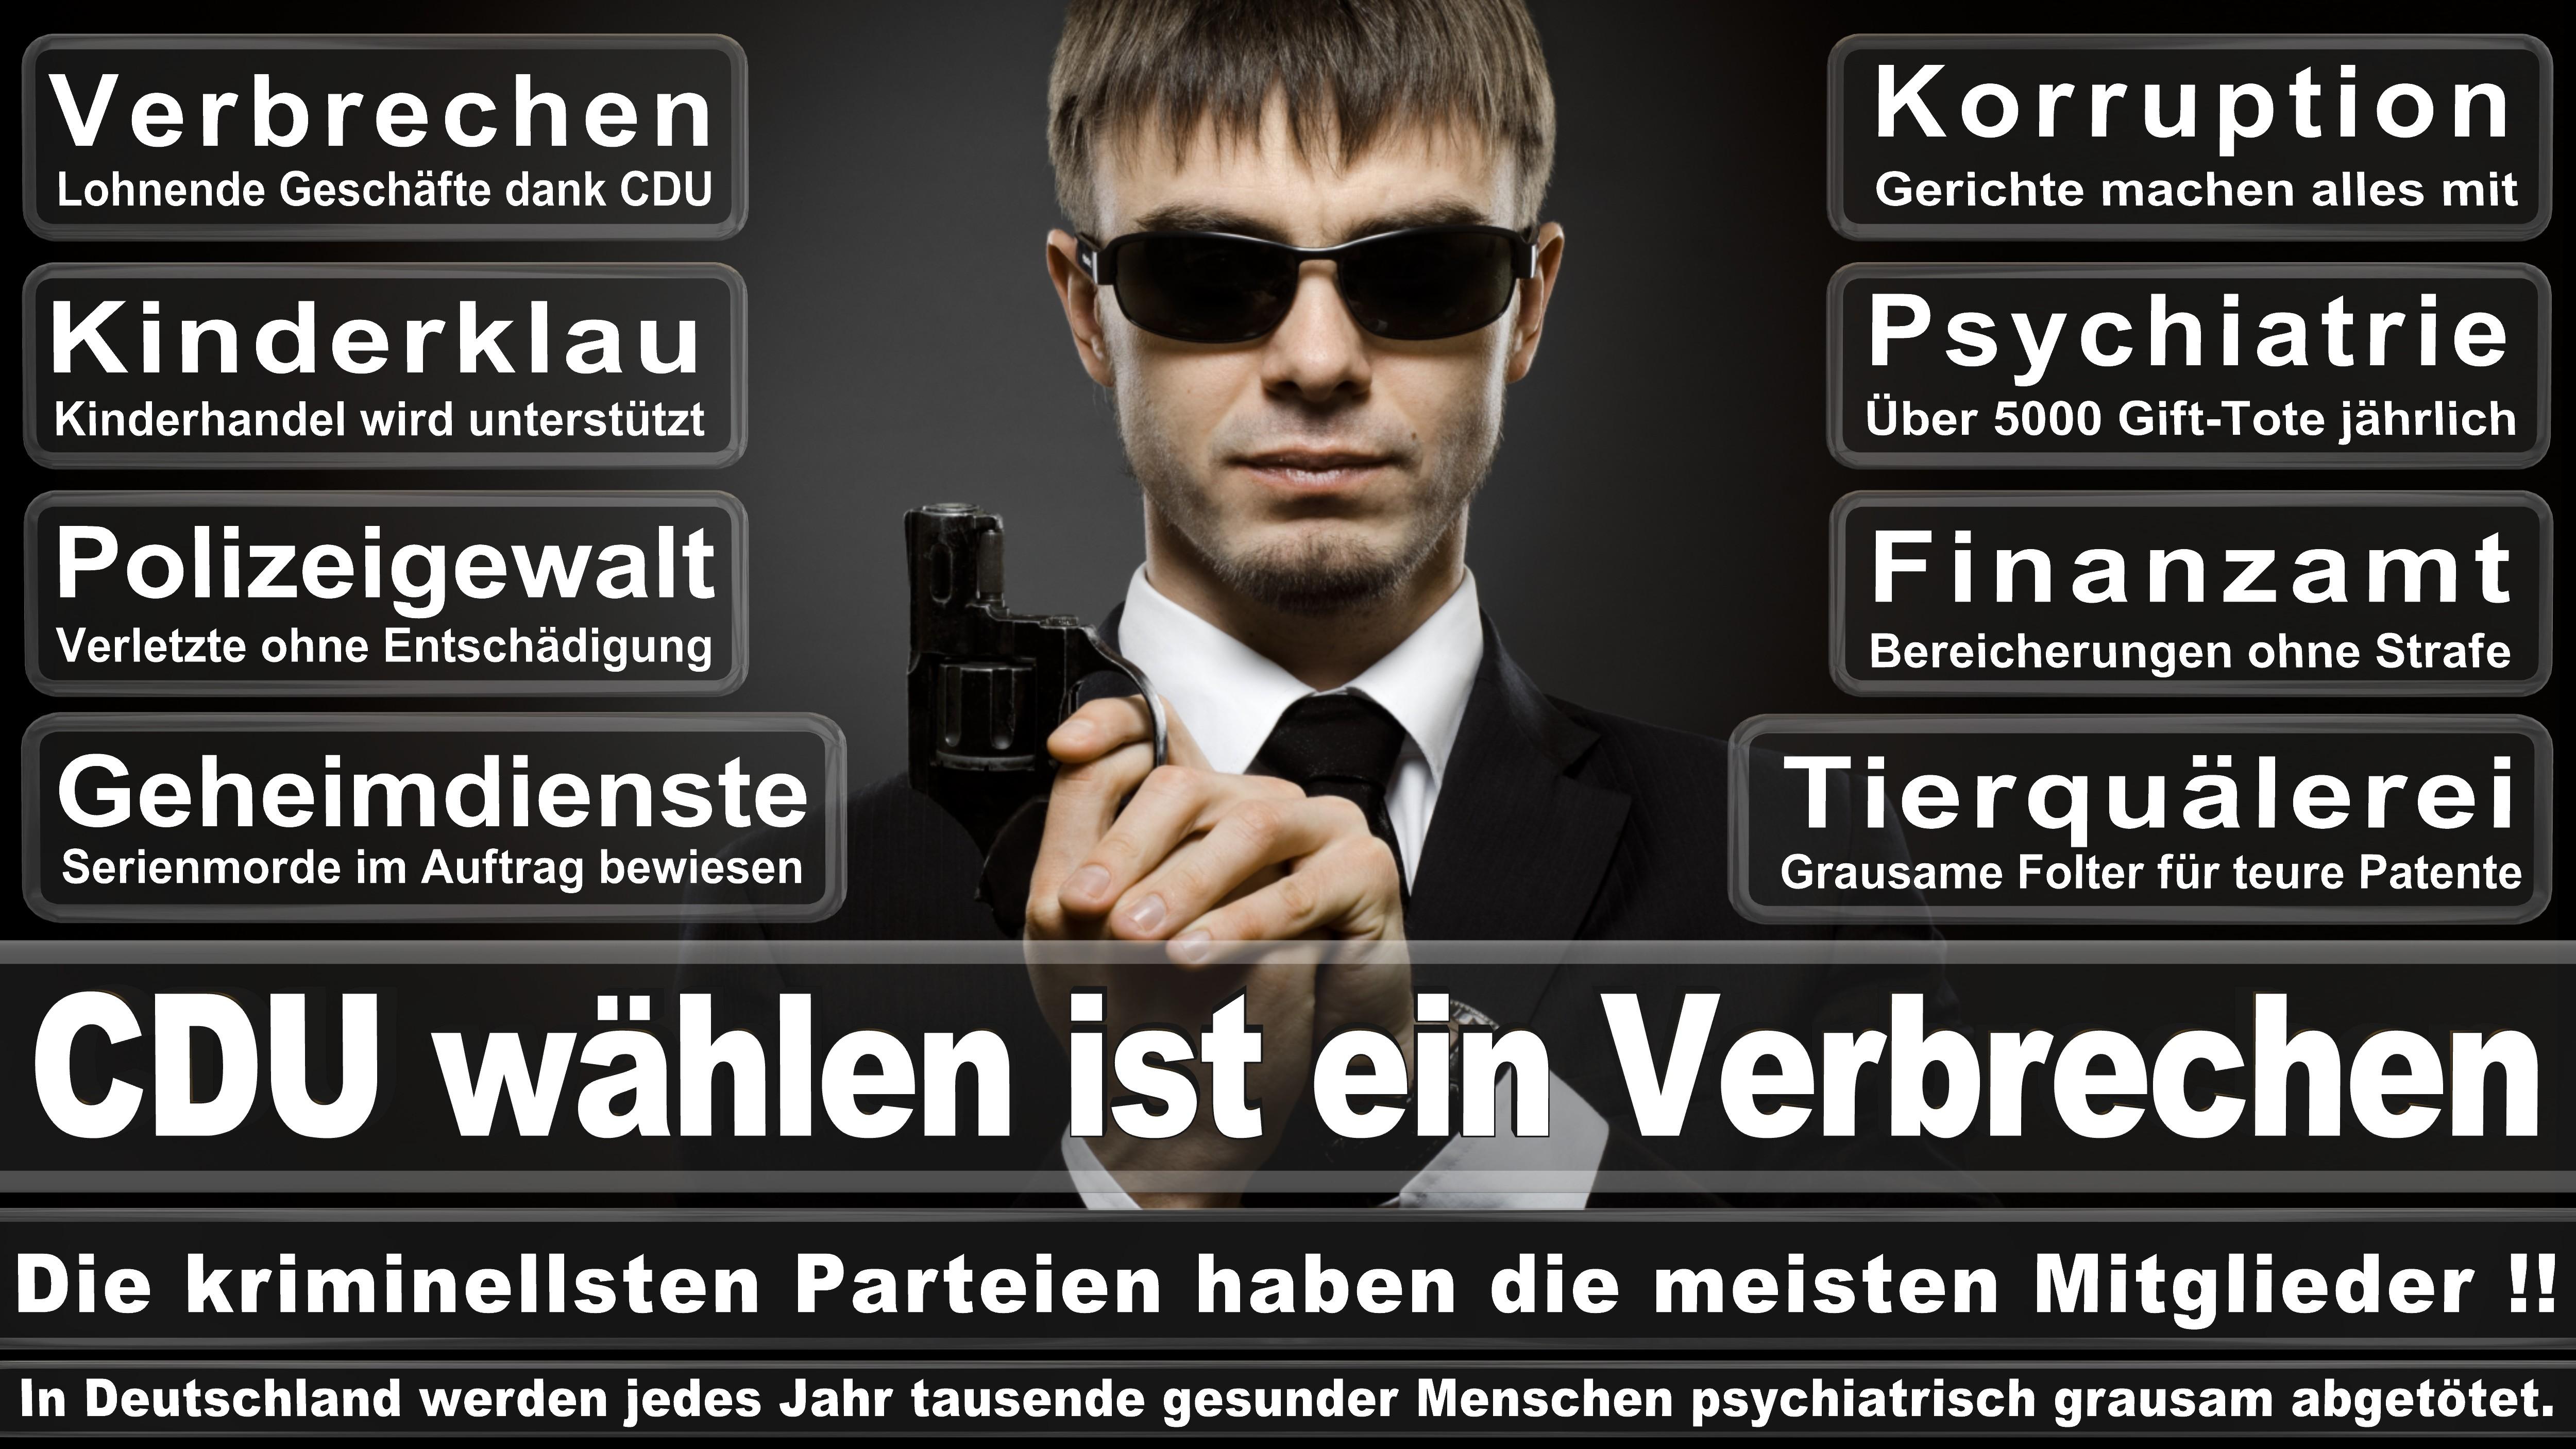 CDU, BIELEFELD, RATSMITGLIEDER, VORSTAND, ORTSVERBAND, MITGLIEDER (49)